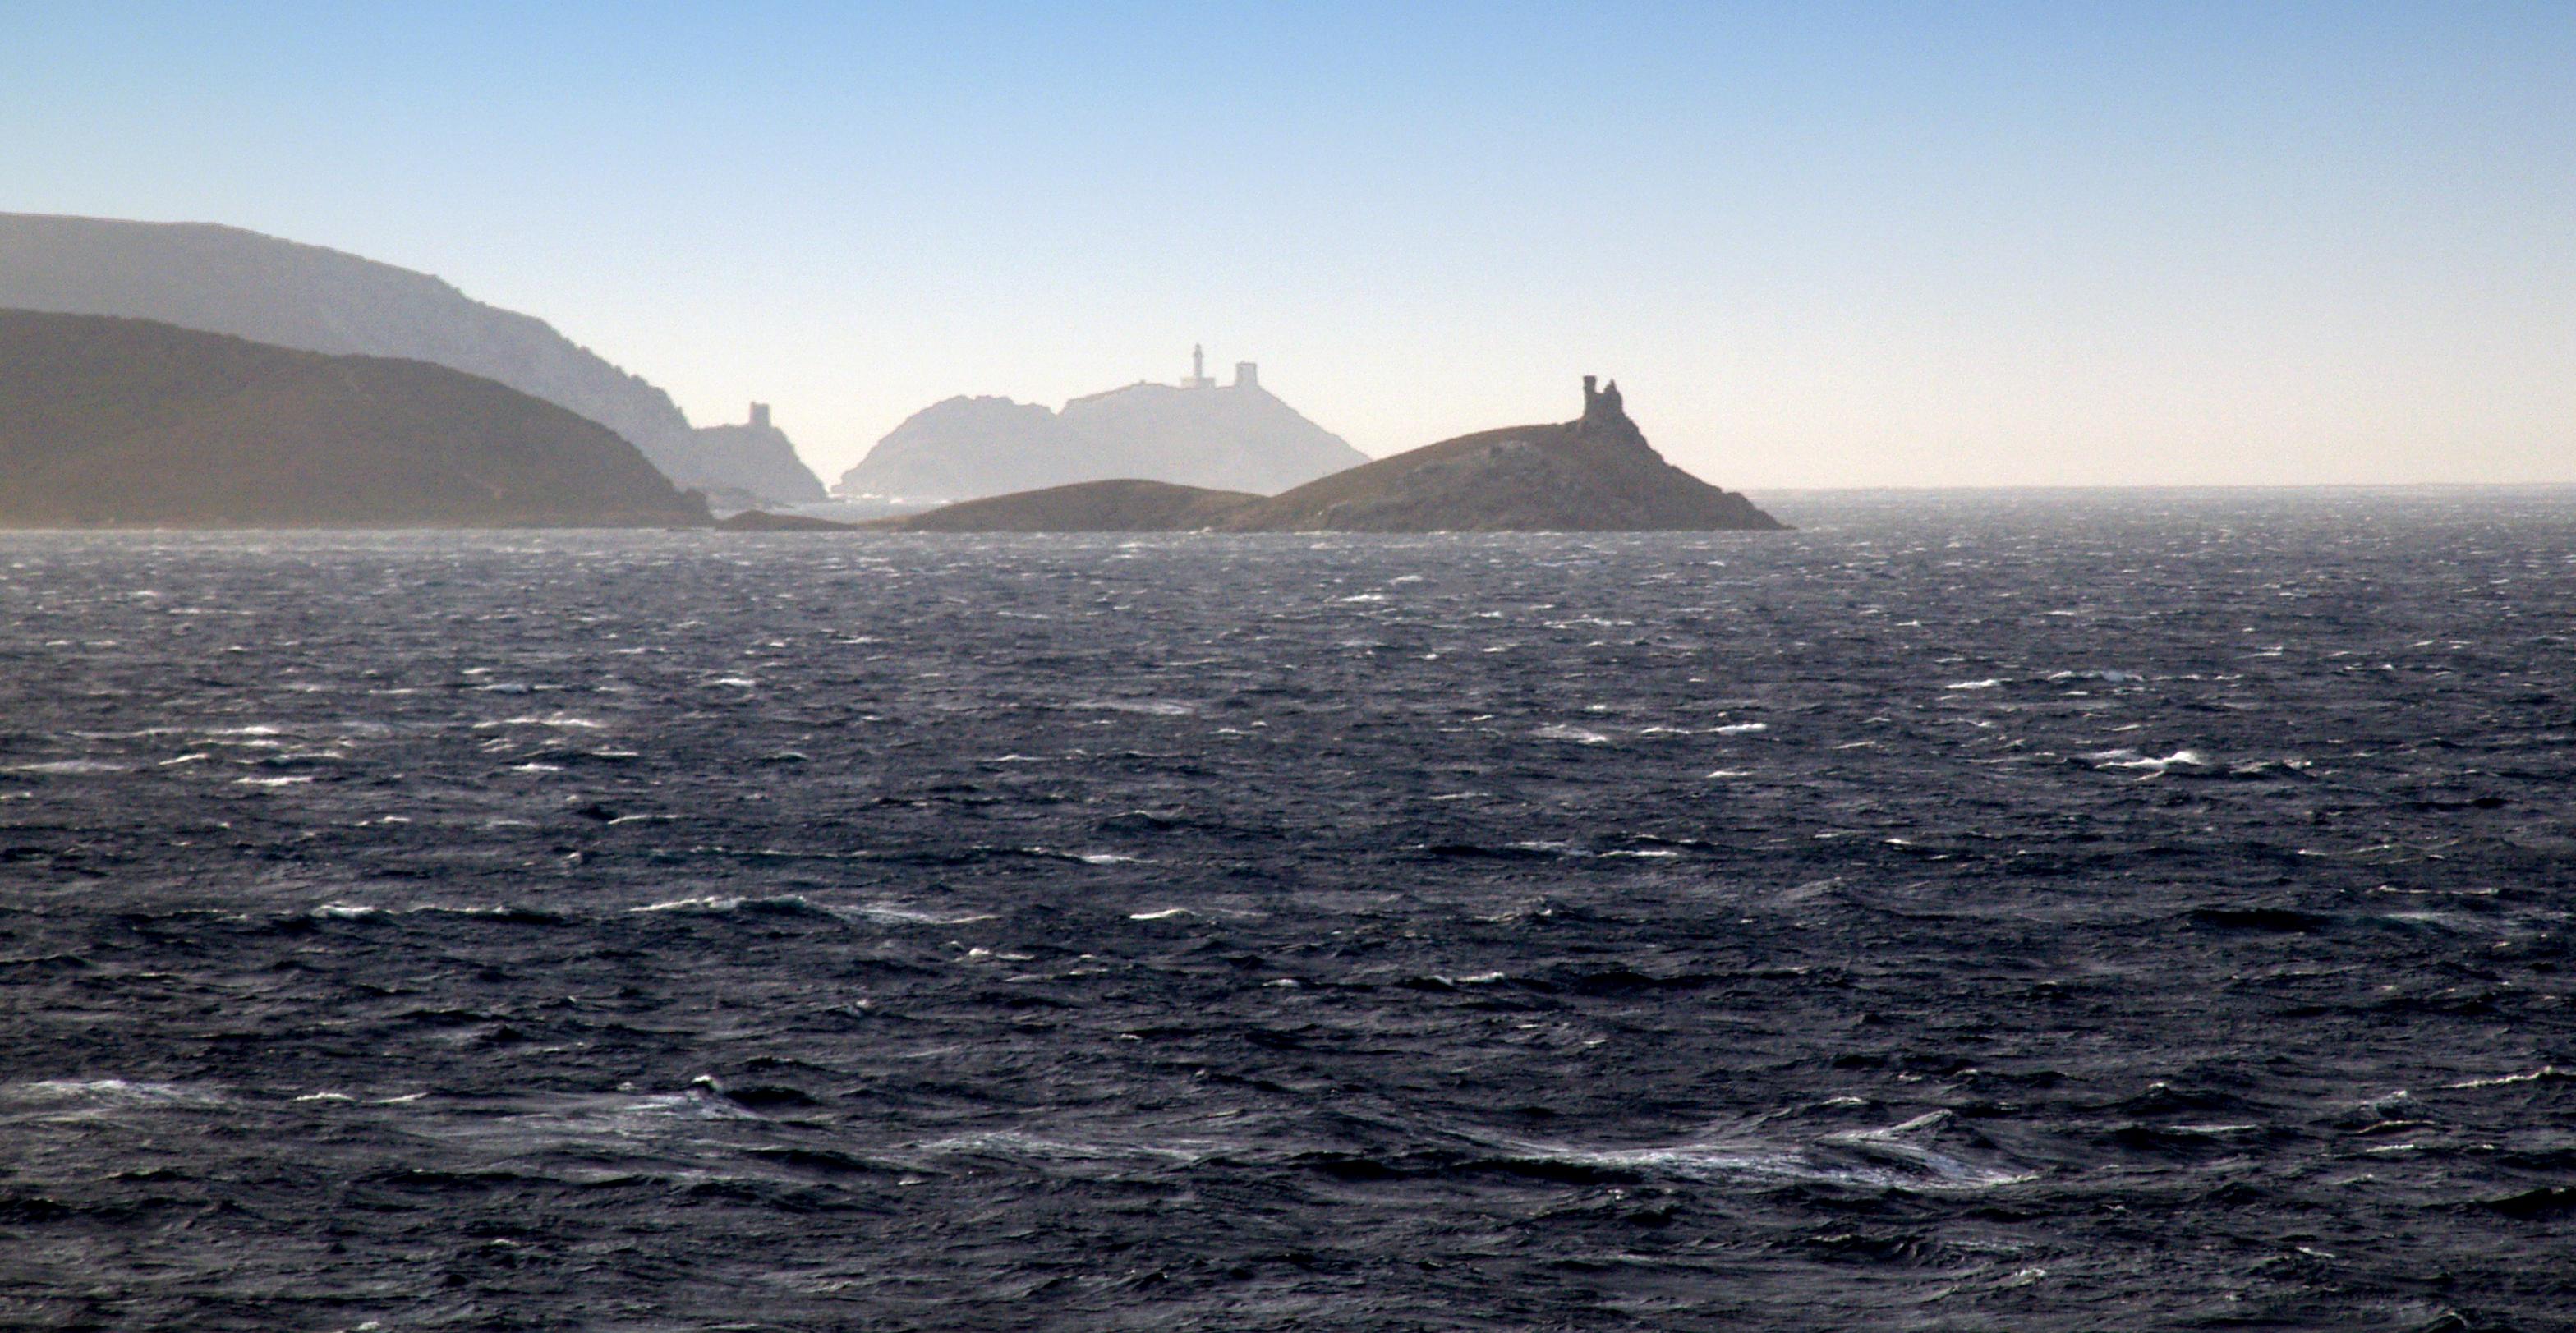 sites de rencontre dans l'est du Cap sont des sites de rencontres fausses